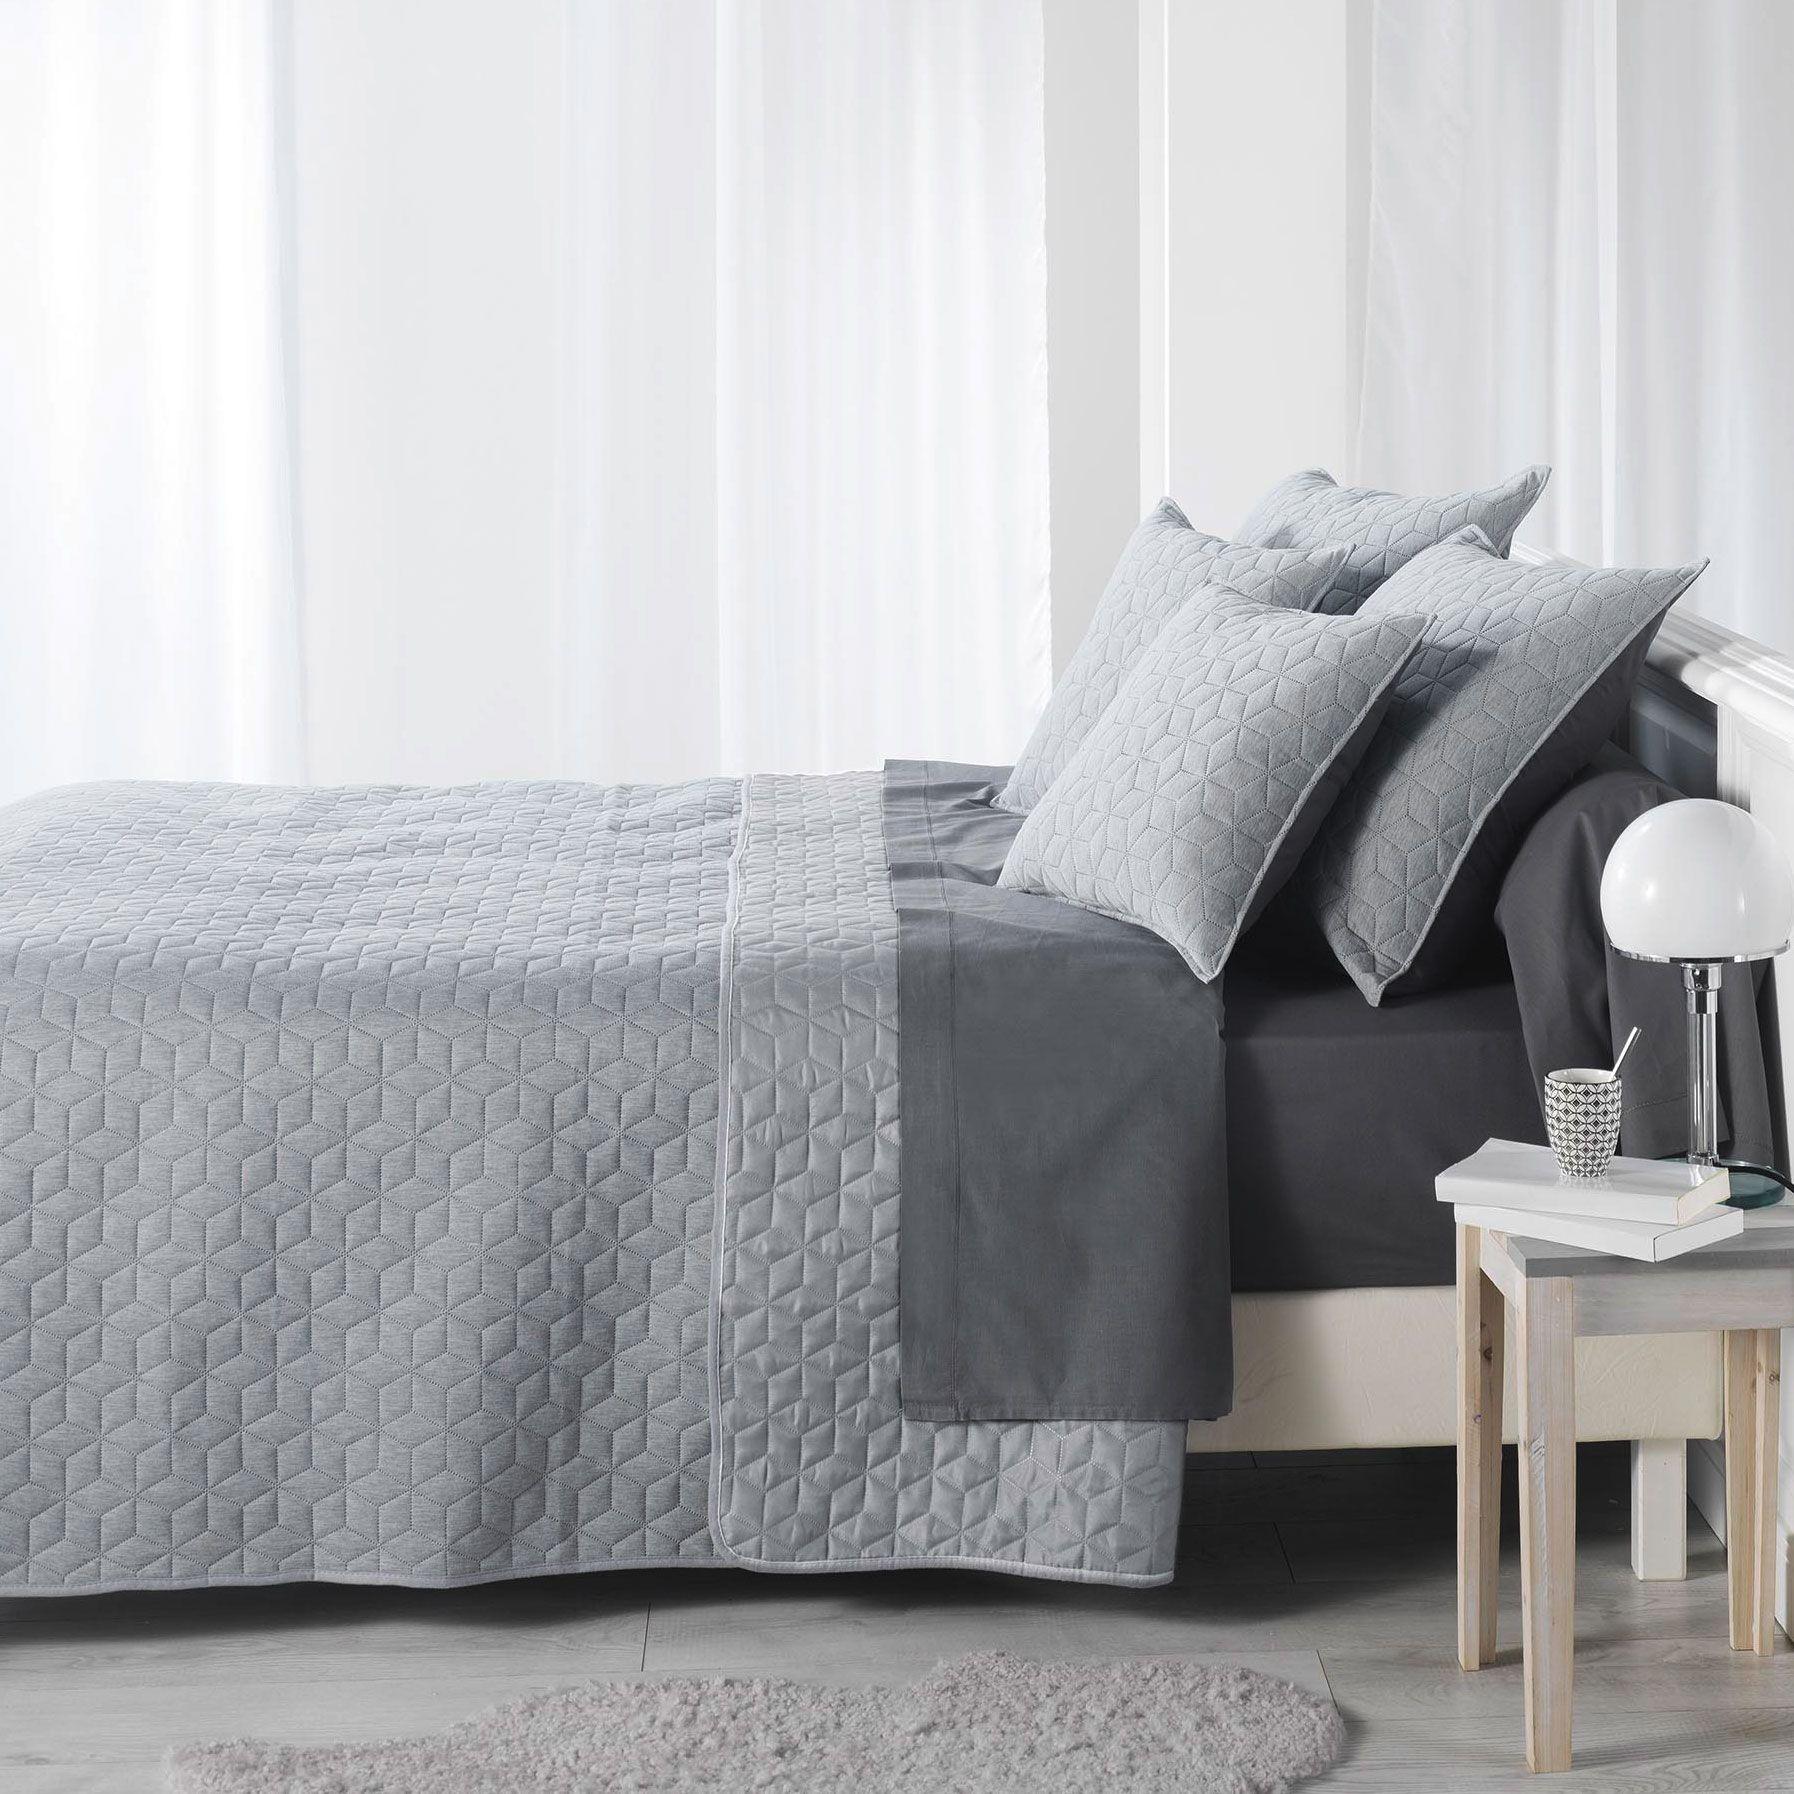 couvre lit 220 x 240 cm matelass cubix gris couvre lit boutis eminza. Black Bedroom Furniture Sets. Home Design Ideas